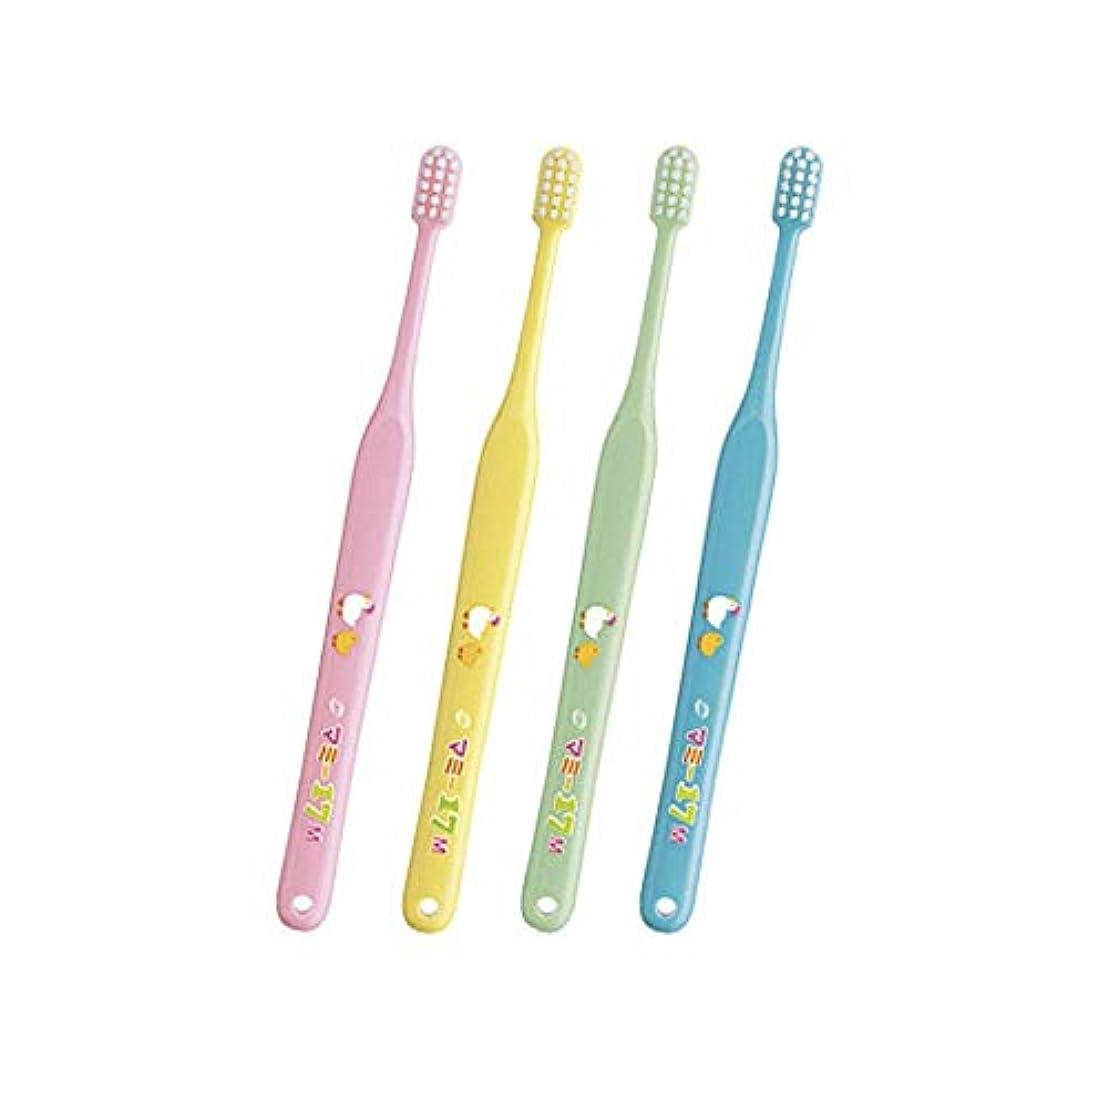 ペンフレンド特徴づける印をつけるオーラルケア マミー17歯ブラシ 10本 アソート ミディアム(M)